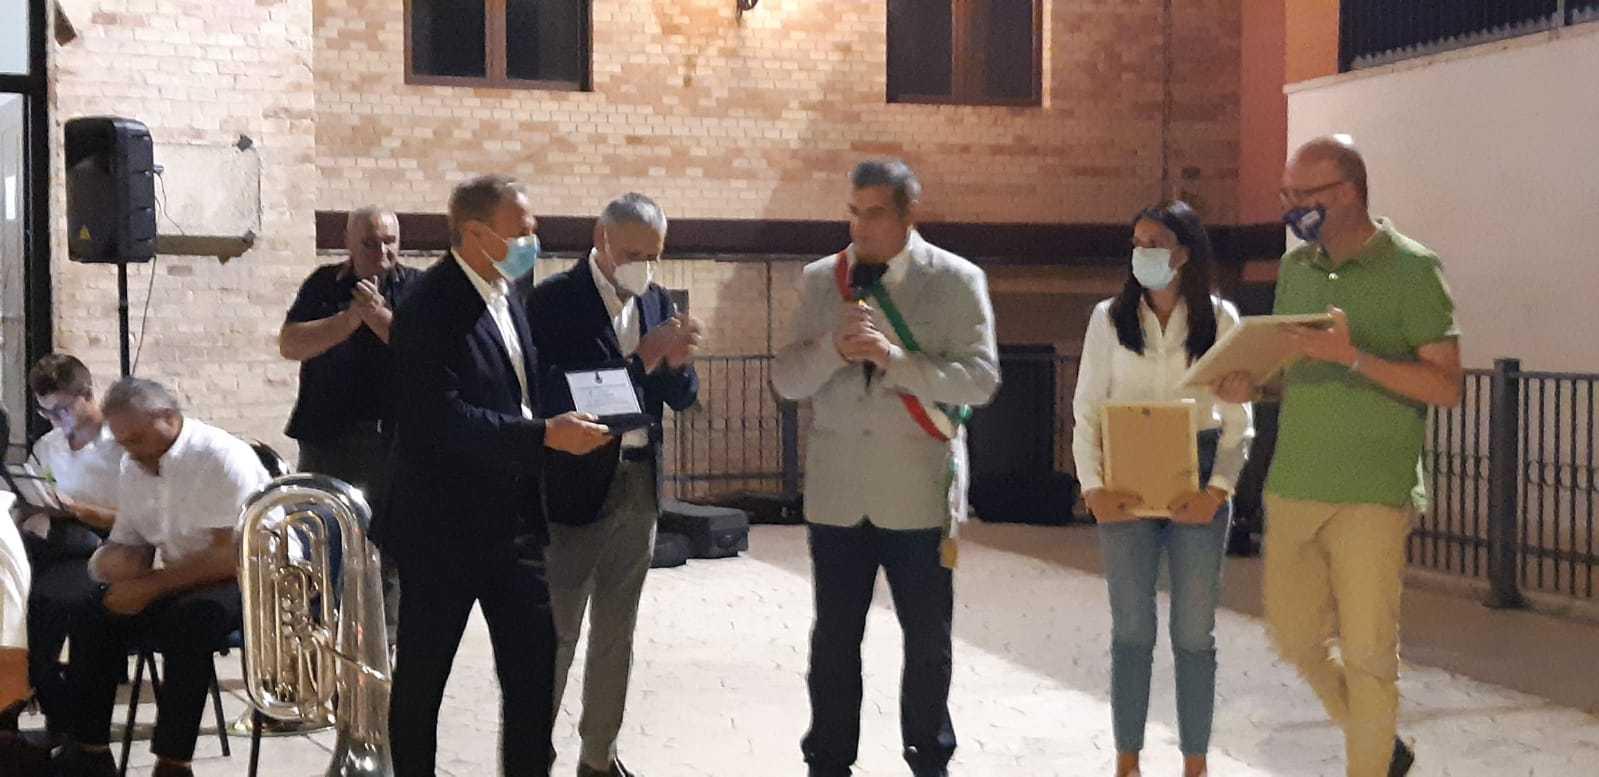 FOTO   Ancarano, festa di San Simplicio: premio scientifico Giuseppe Flajani